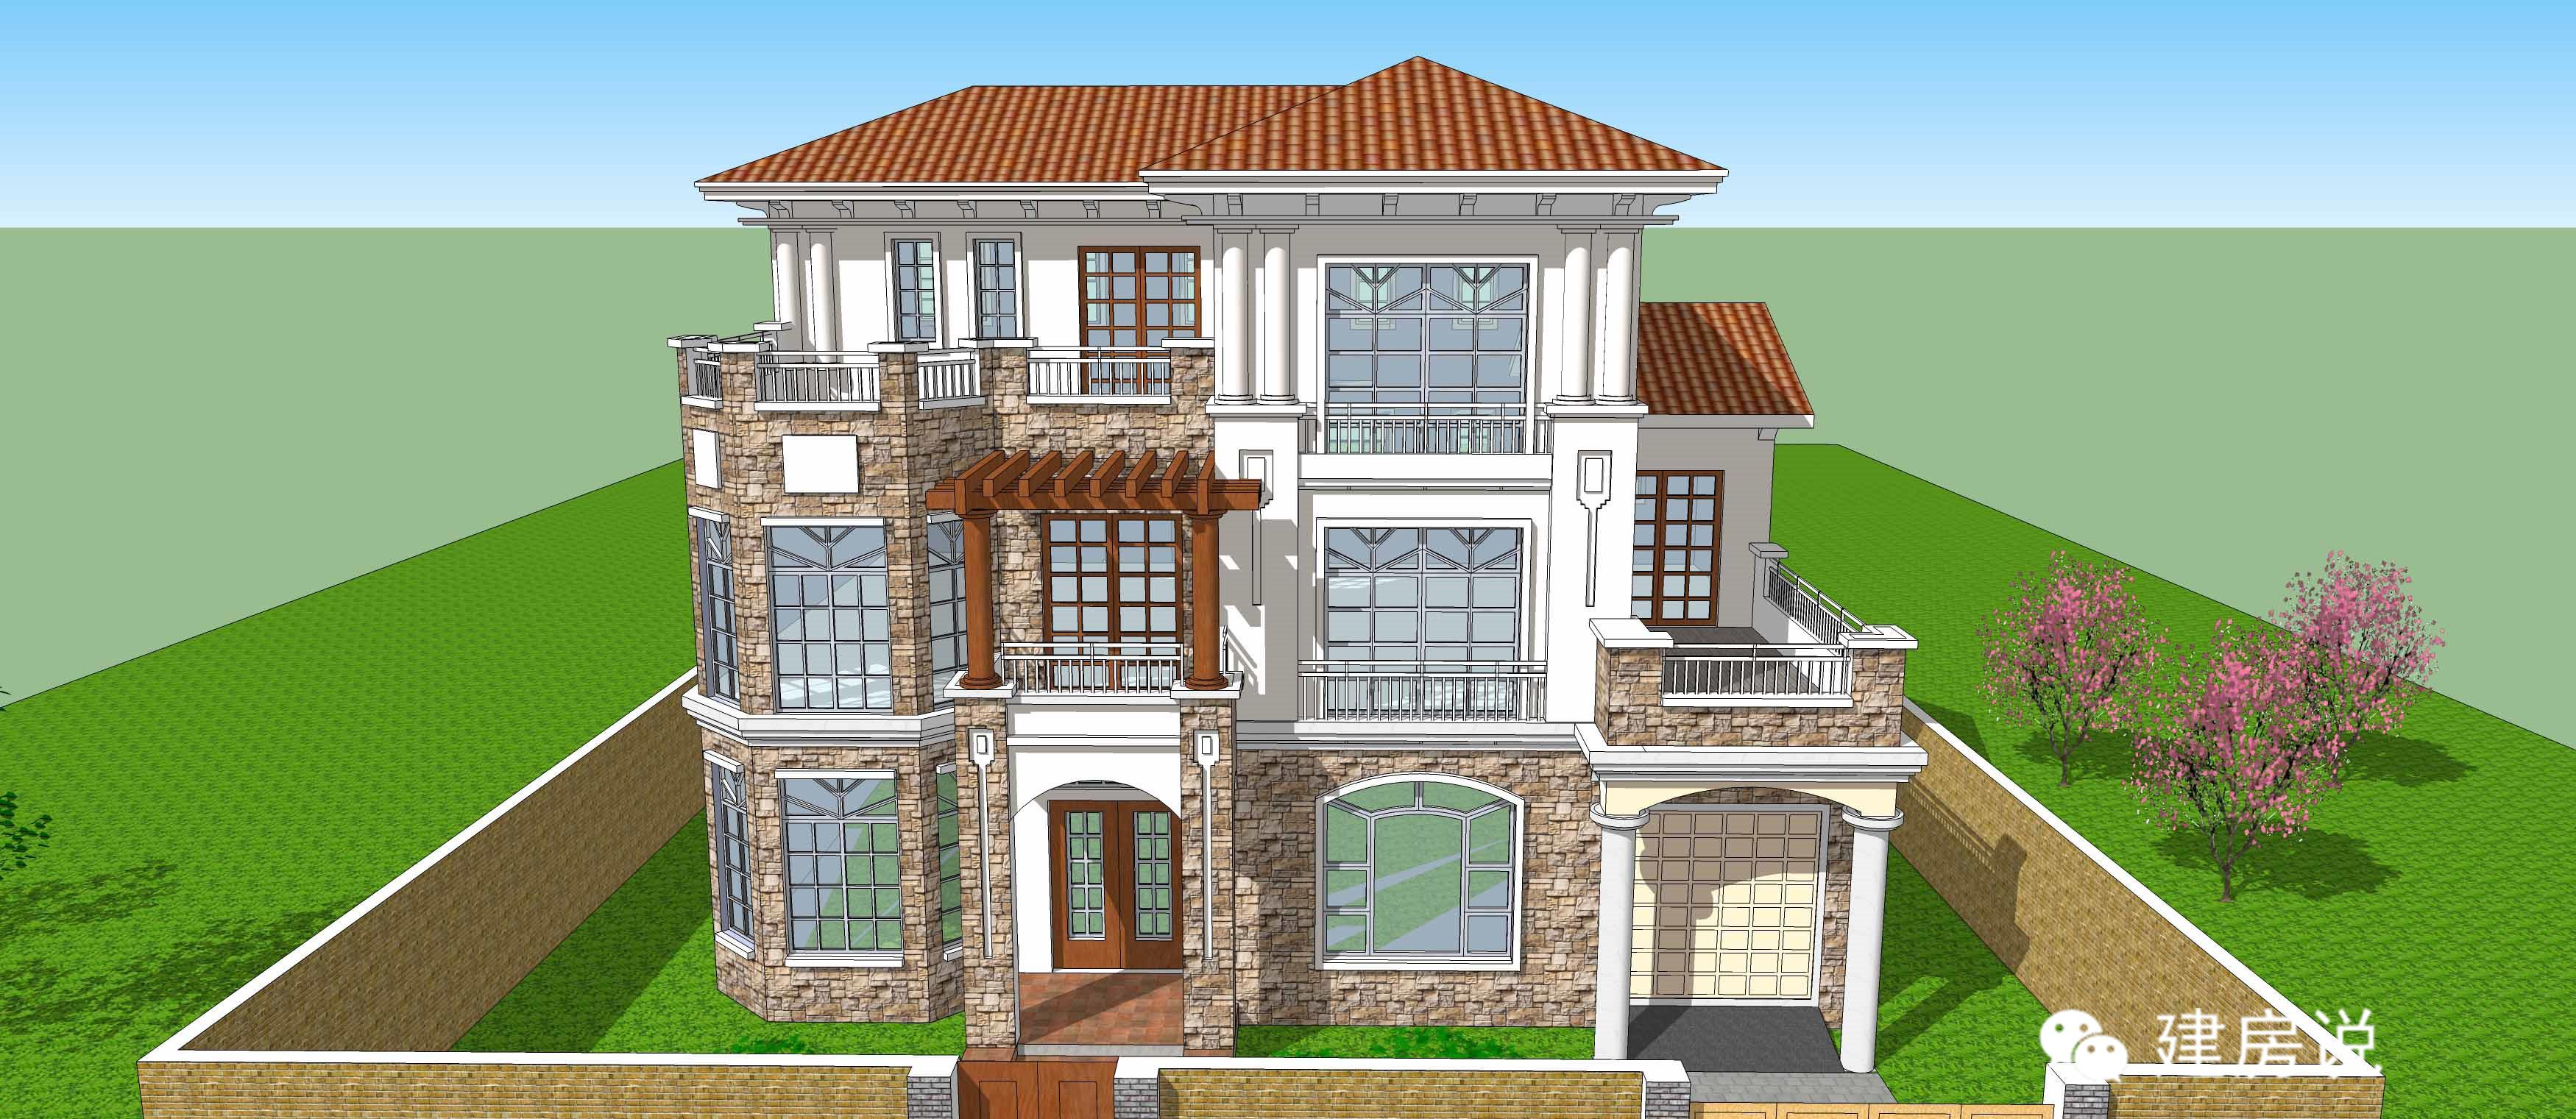 社会 正文  二层半农村别墅,一楼的大型落地窗和门口围廊,提升整体